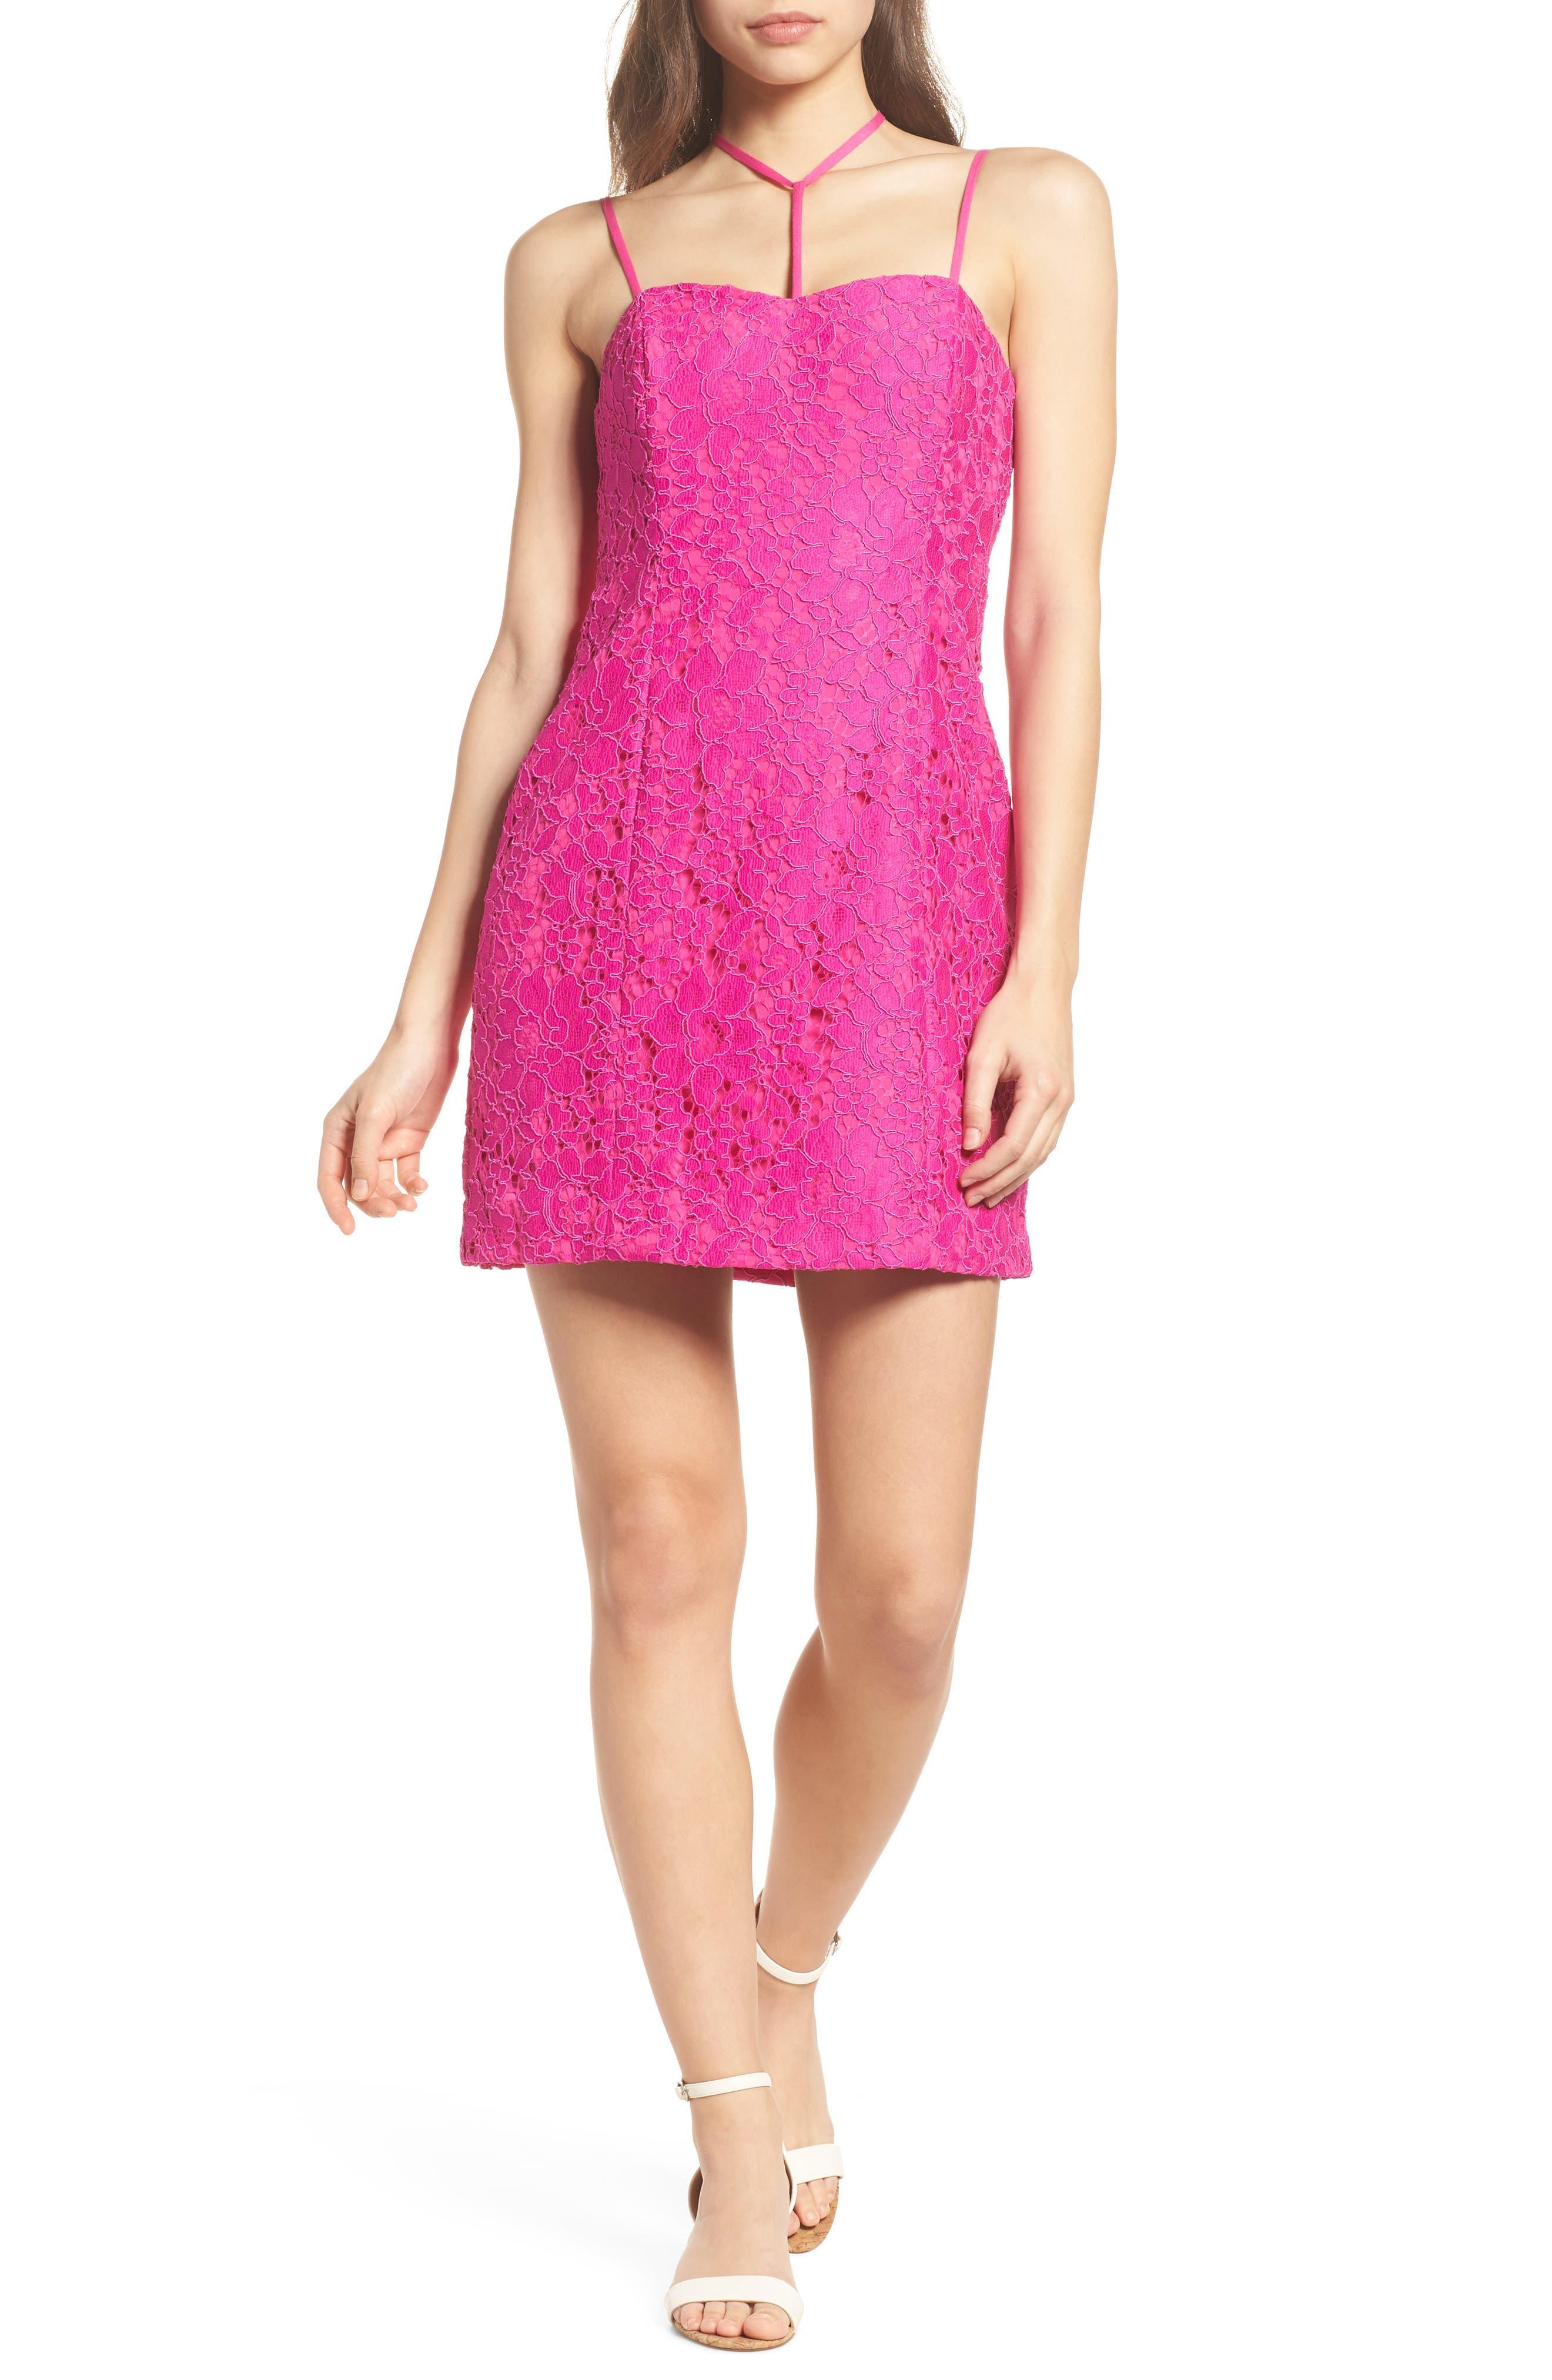 Demi Lace Dress,                             Alternate thumbnail 7, color,                             BERRY SANGRIA FLORAL LACE